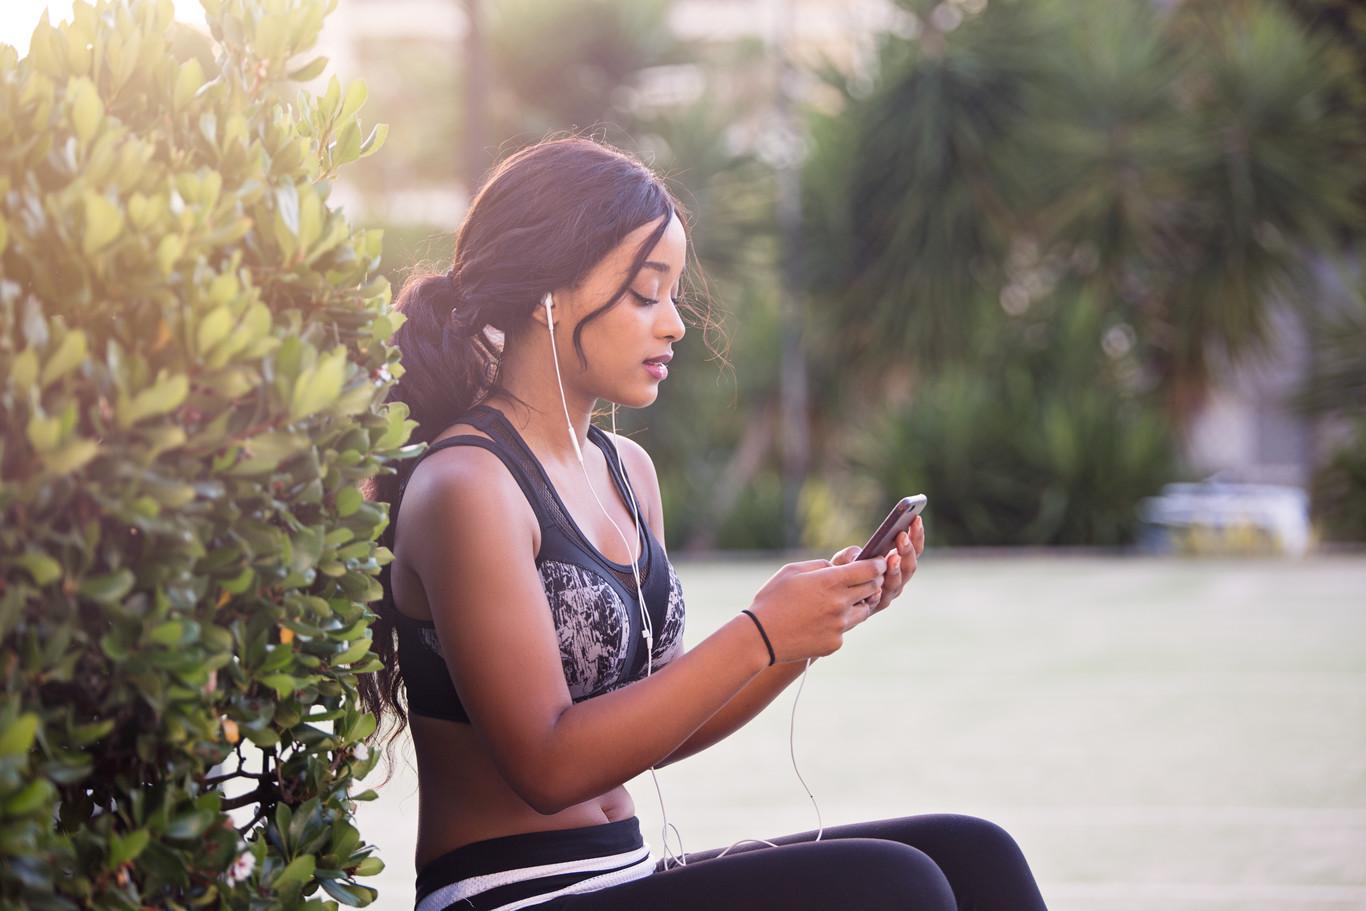 HIIT en el parque: cinco rutinas HIIT que puedes hacer al aire libre